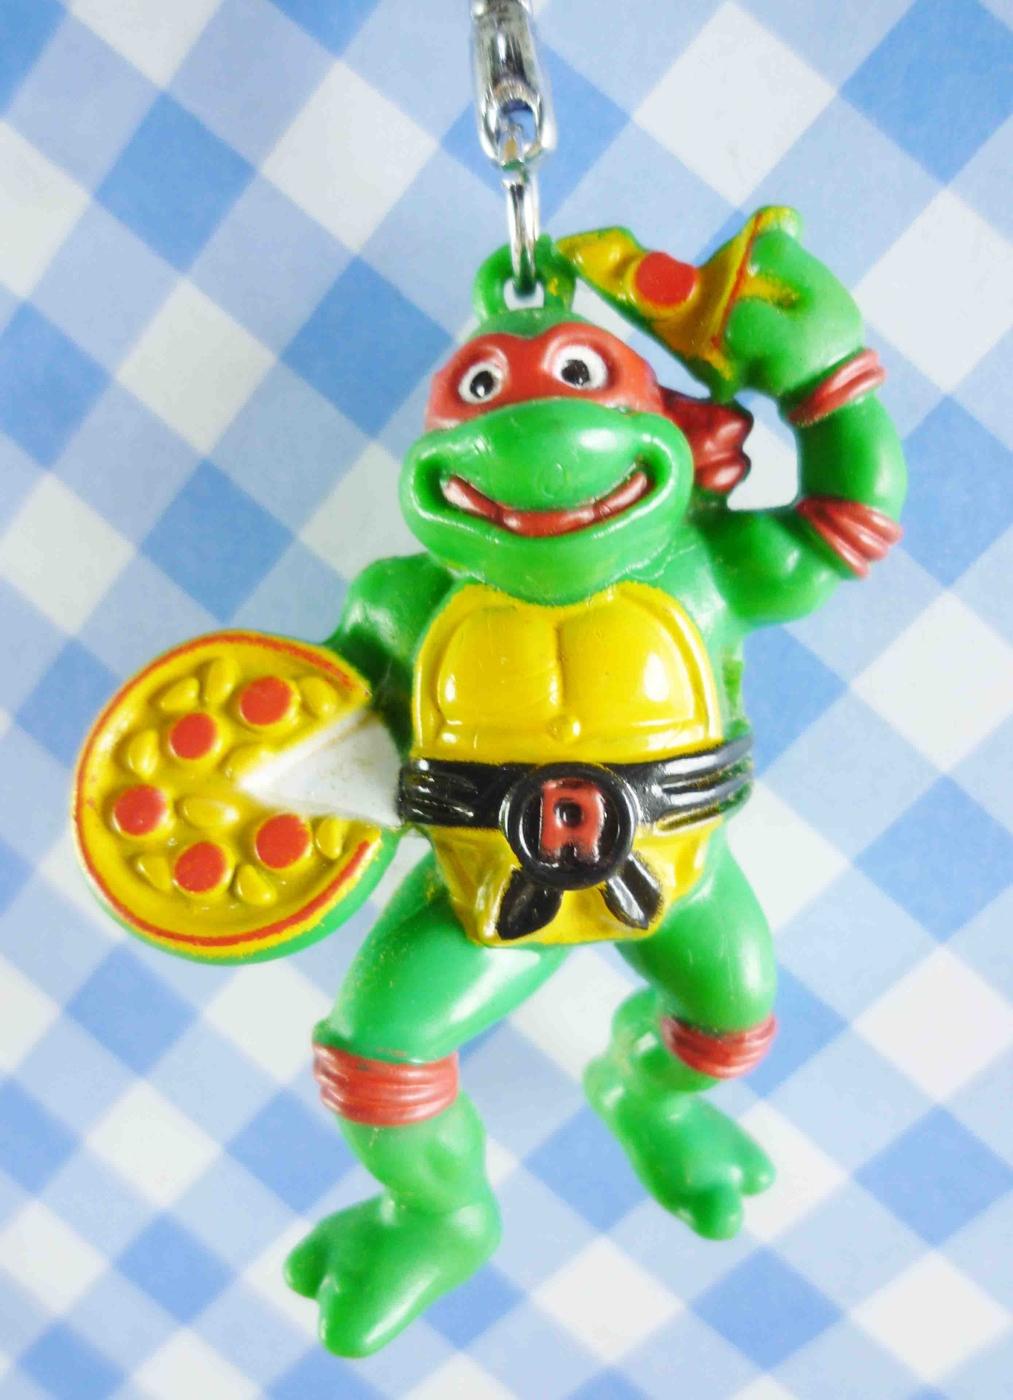 【震撼精品百貨】日本精品百貨-手機吊飾/鎖圈-忍者龜系列-造型鎖圈-披薩